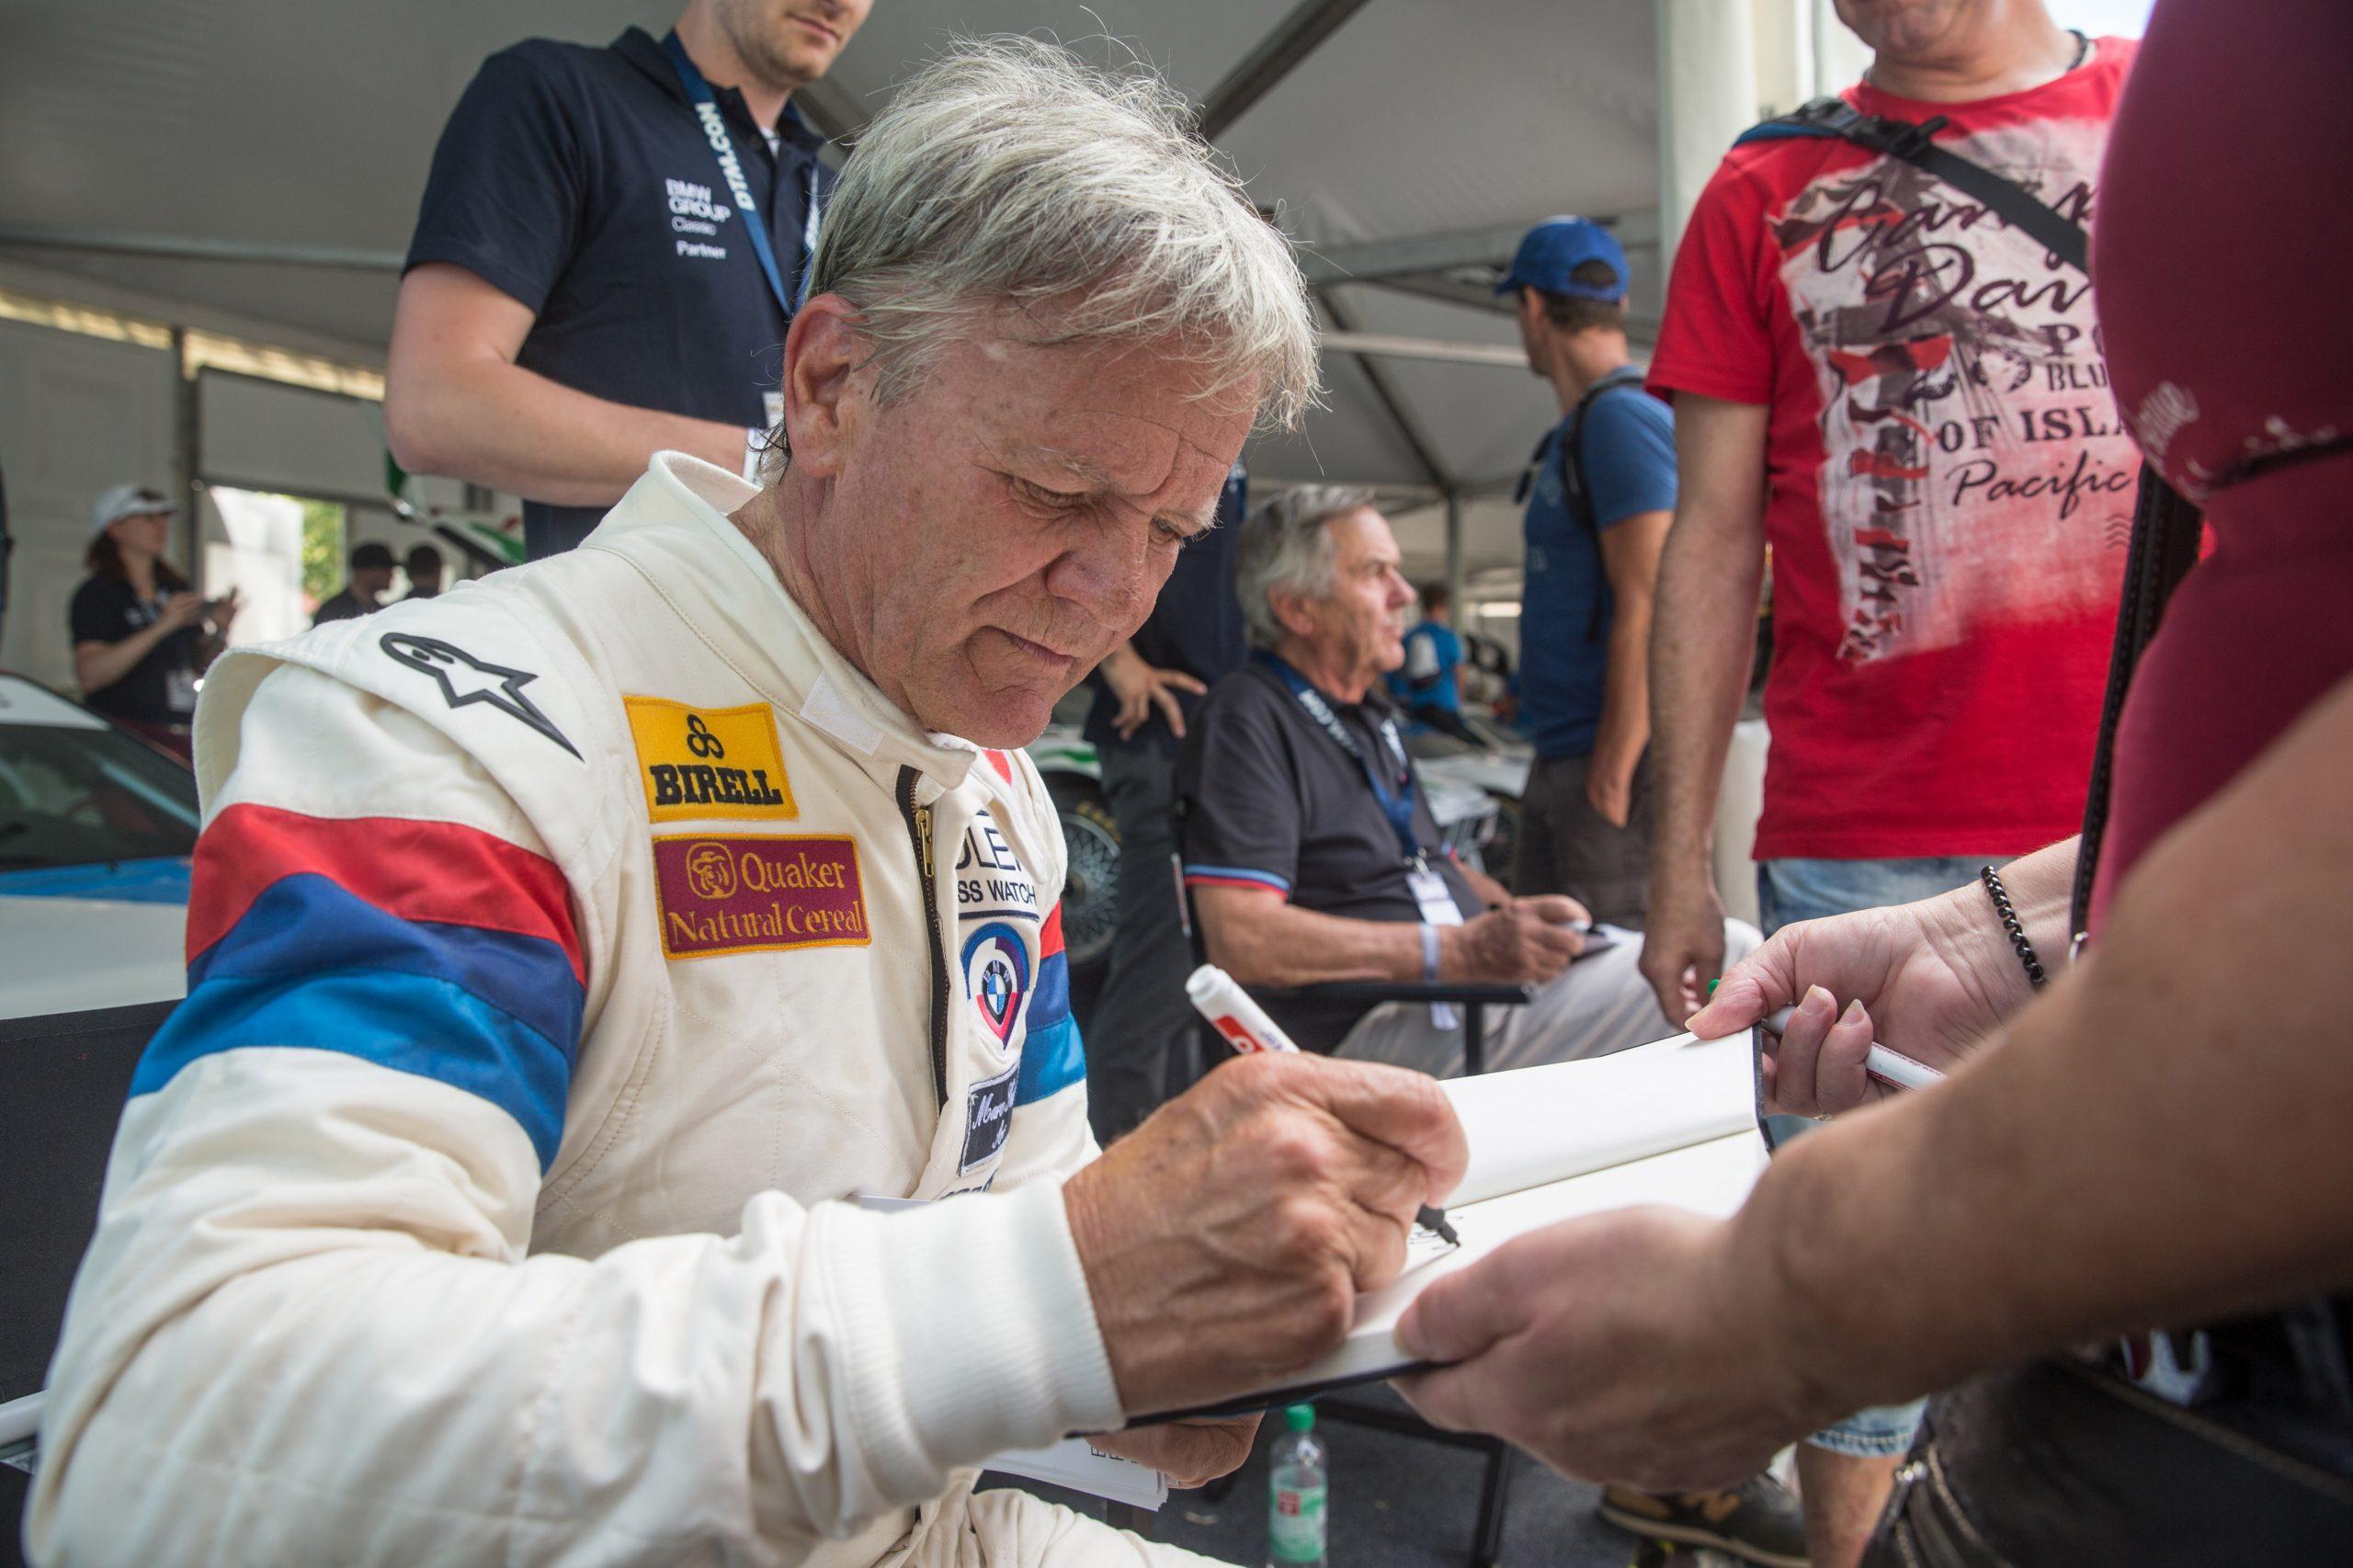 marc surer norisring bmw autograph